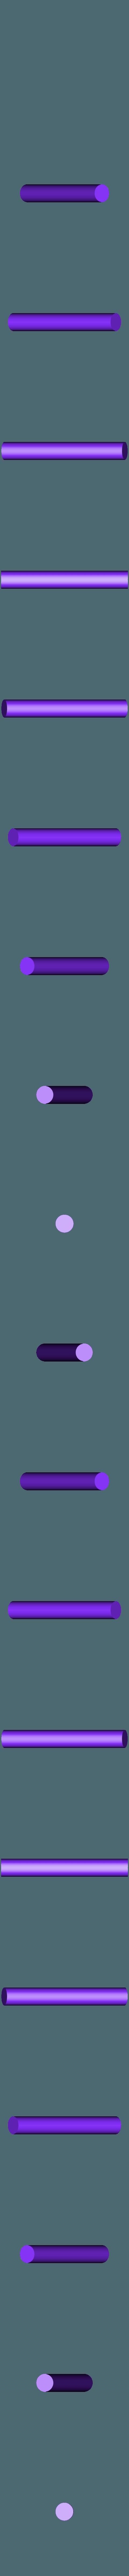 axle_2.STL Télécharger fichier STL gratuit MEGA Expansion 200+ Pièces • Plan à imprimer en 3D, Pwentey